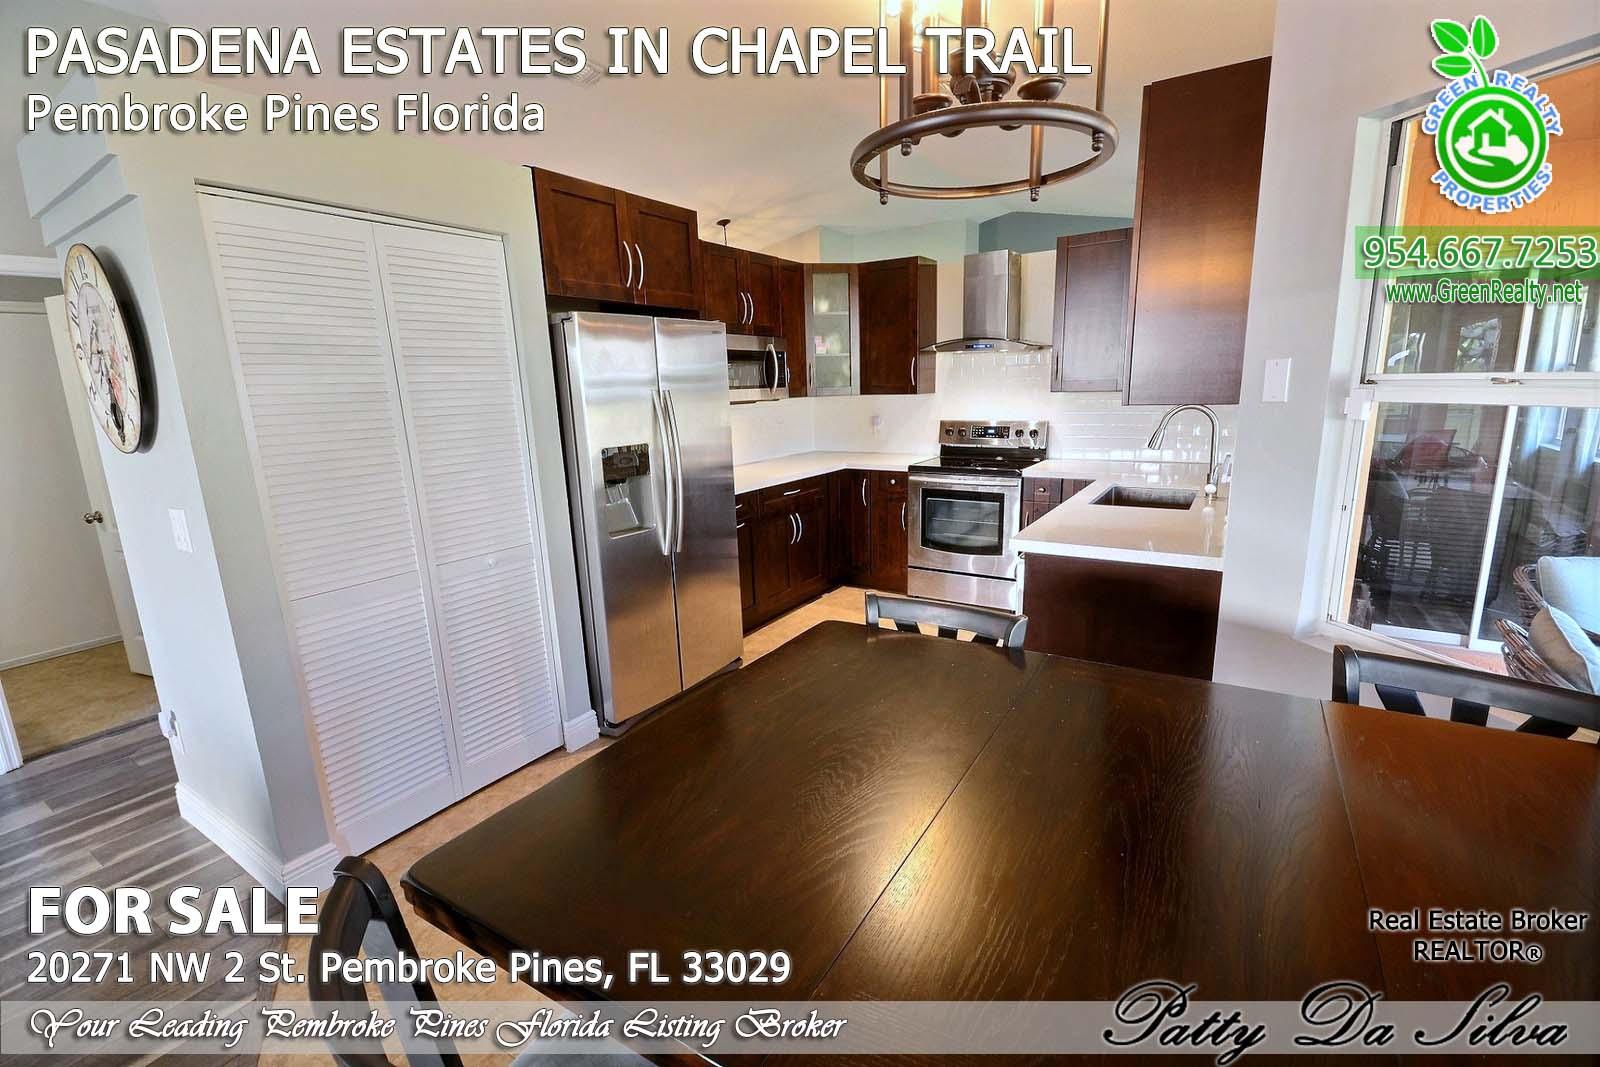 Pasadena Estates of Chapel Trail - Pembroke Pines FL (26)